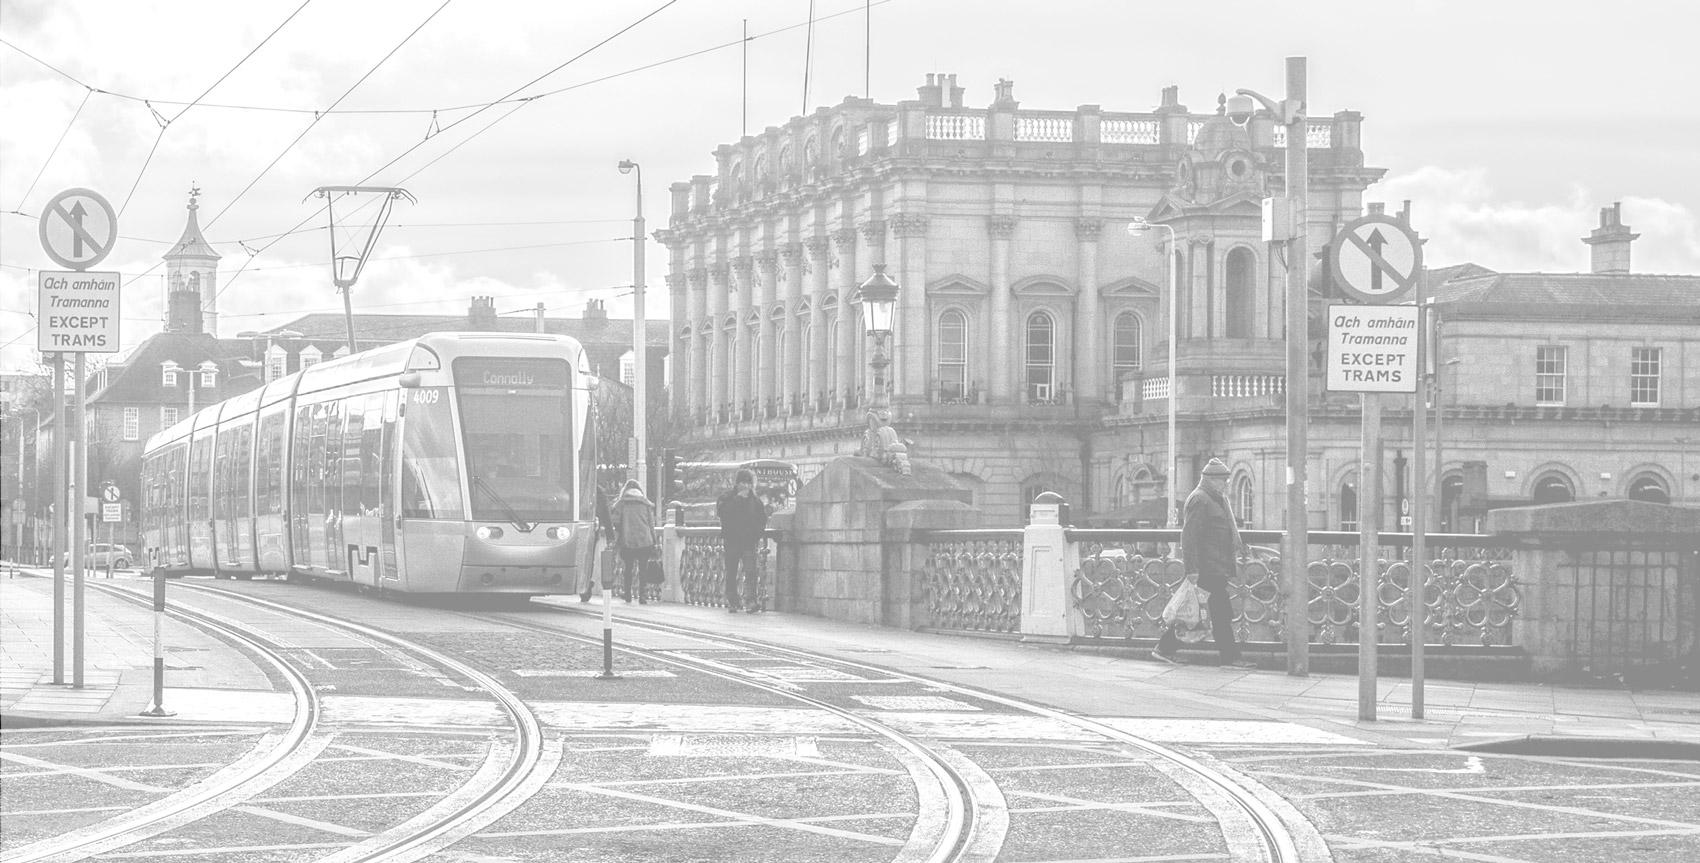 Image Courtesy of Transport Infrastructure Ireland